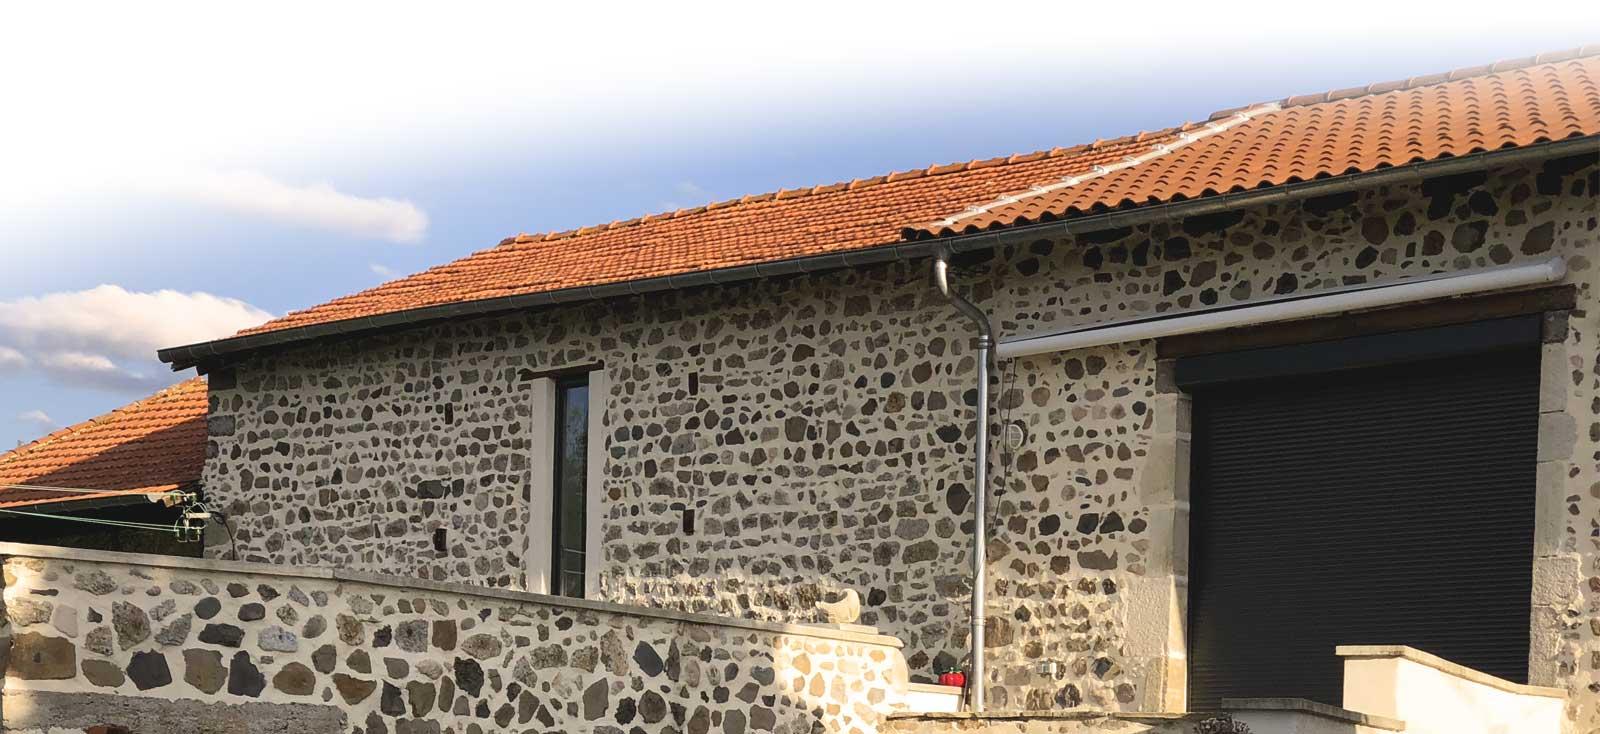 JOINTS DE PIERRE - Bâti Group 43 : Votre spécialiste en rejointoiement de pierre en Haute Loire, Lozère, Ardèche, la Loire et Puy de dôme . CONTACT : 06 87 05 87 82